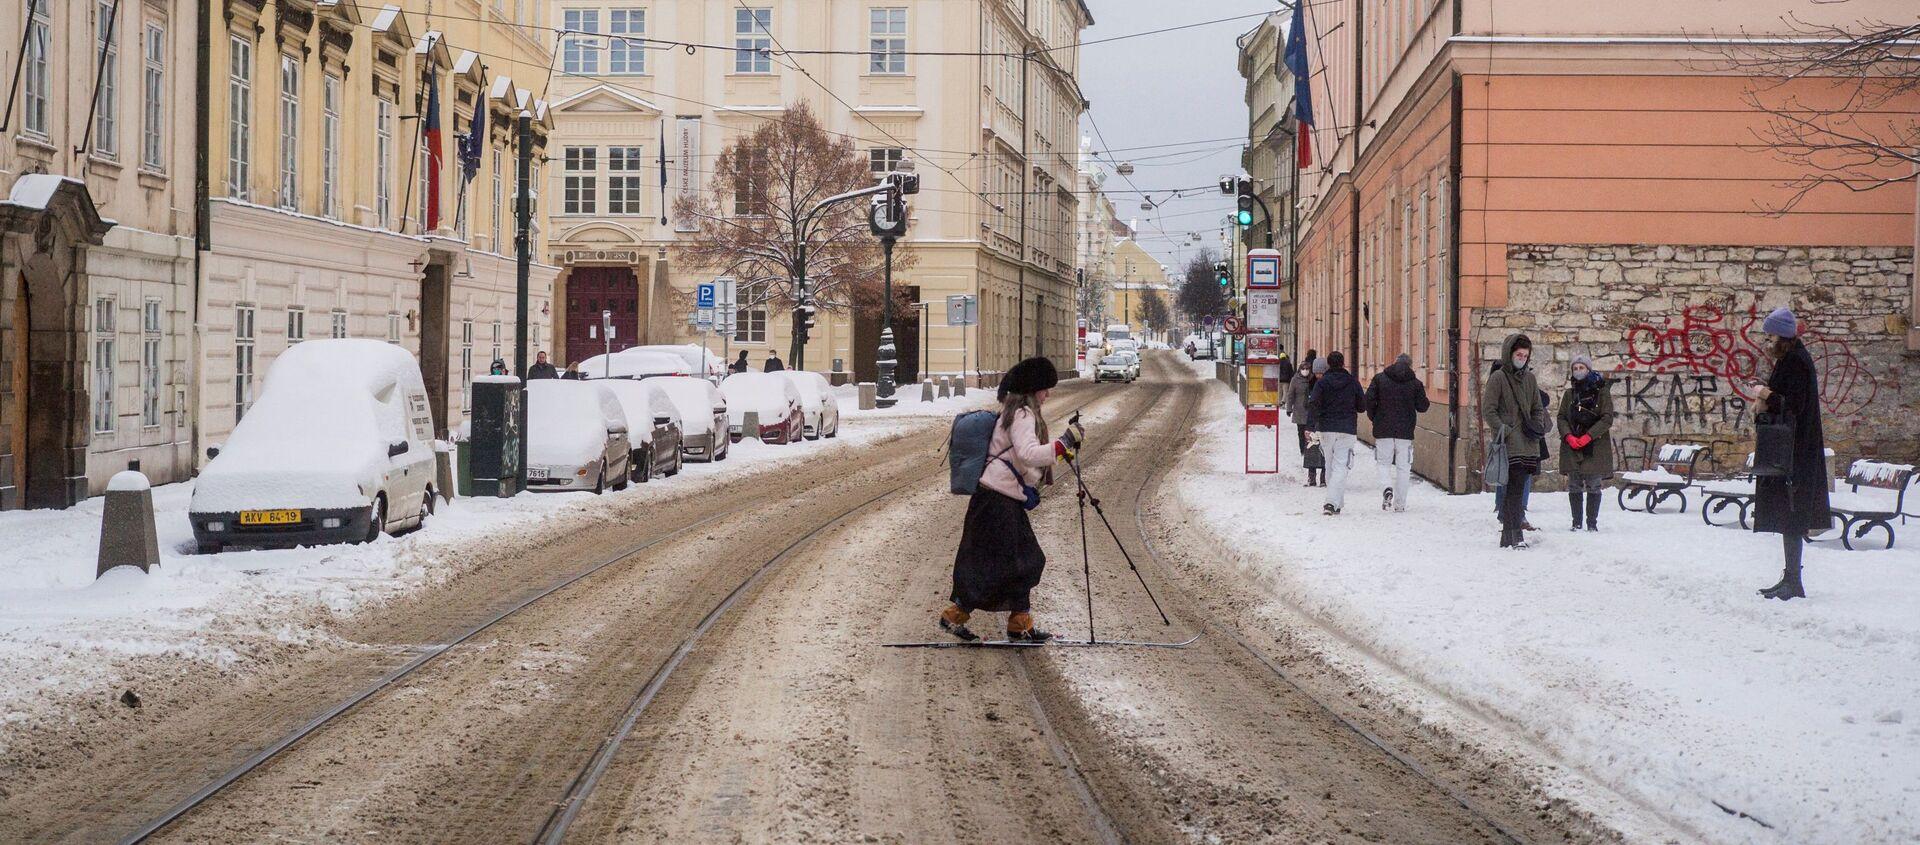 Žena na lyžích přechází silnici v Praze - Sputnik Česká republika, 1920, 17.02.2021